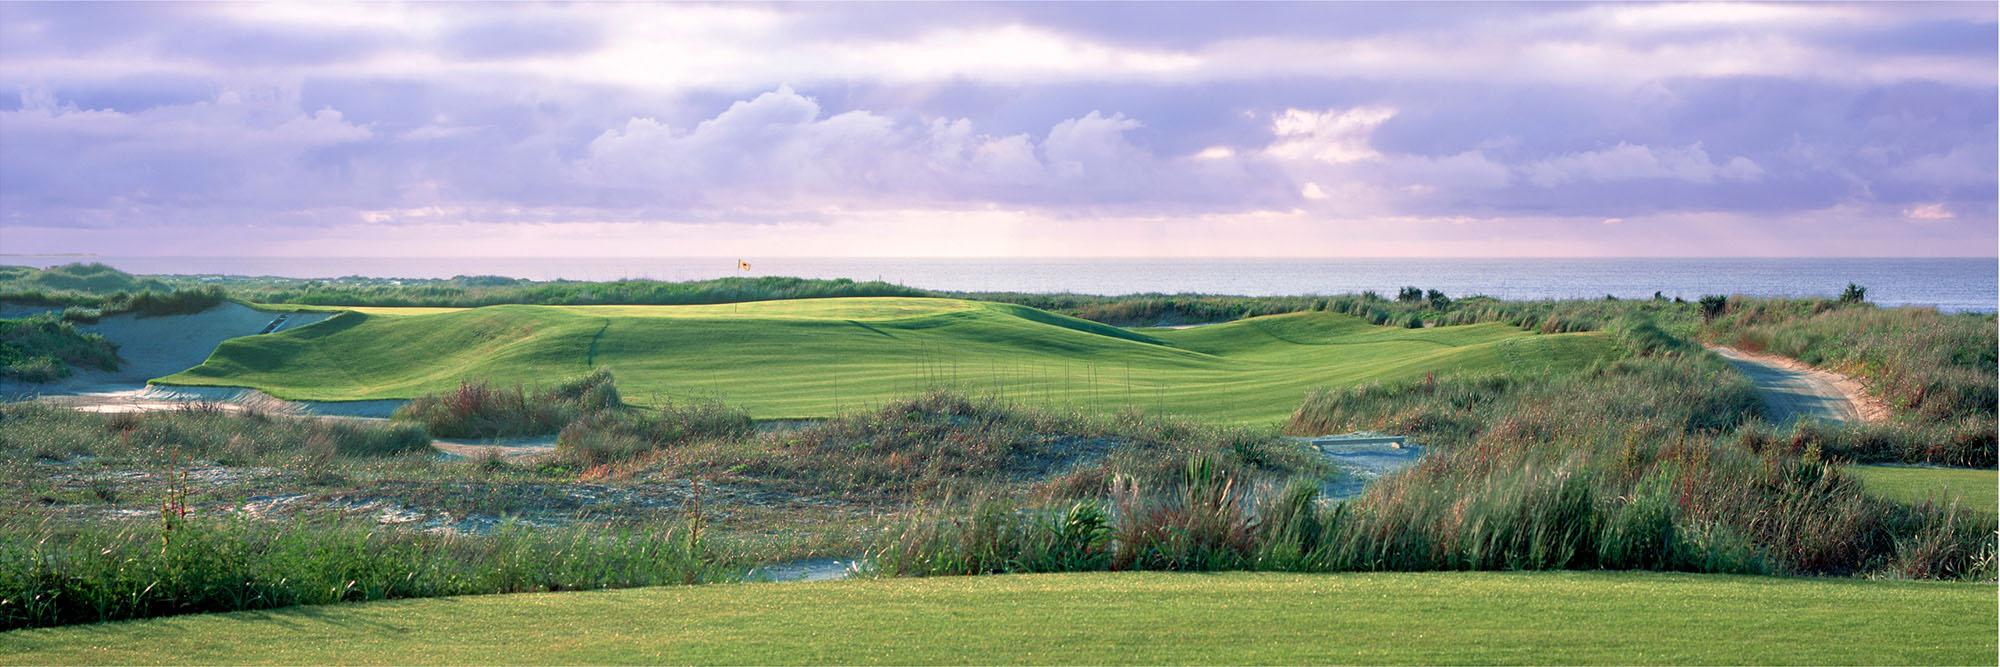 Golf Course Image - Kiawah Ocean Course No. 14